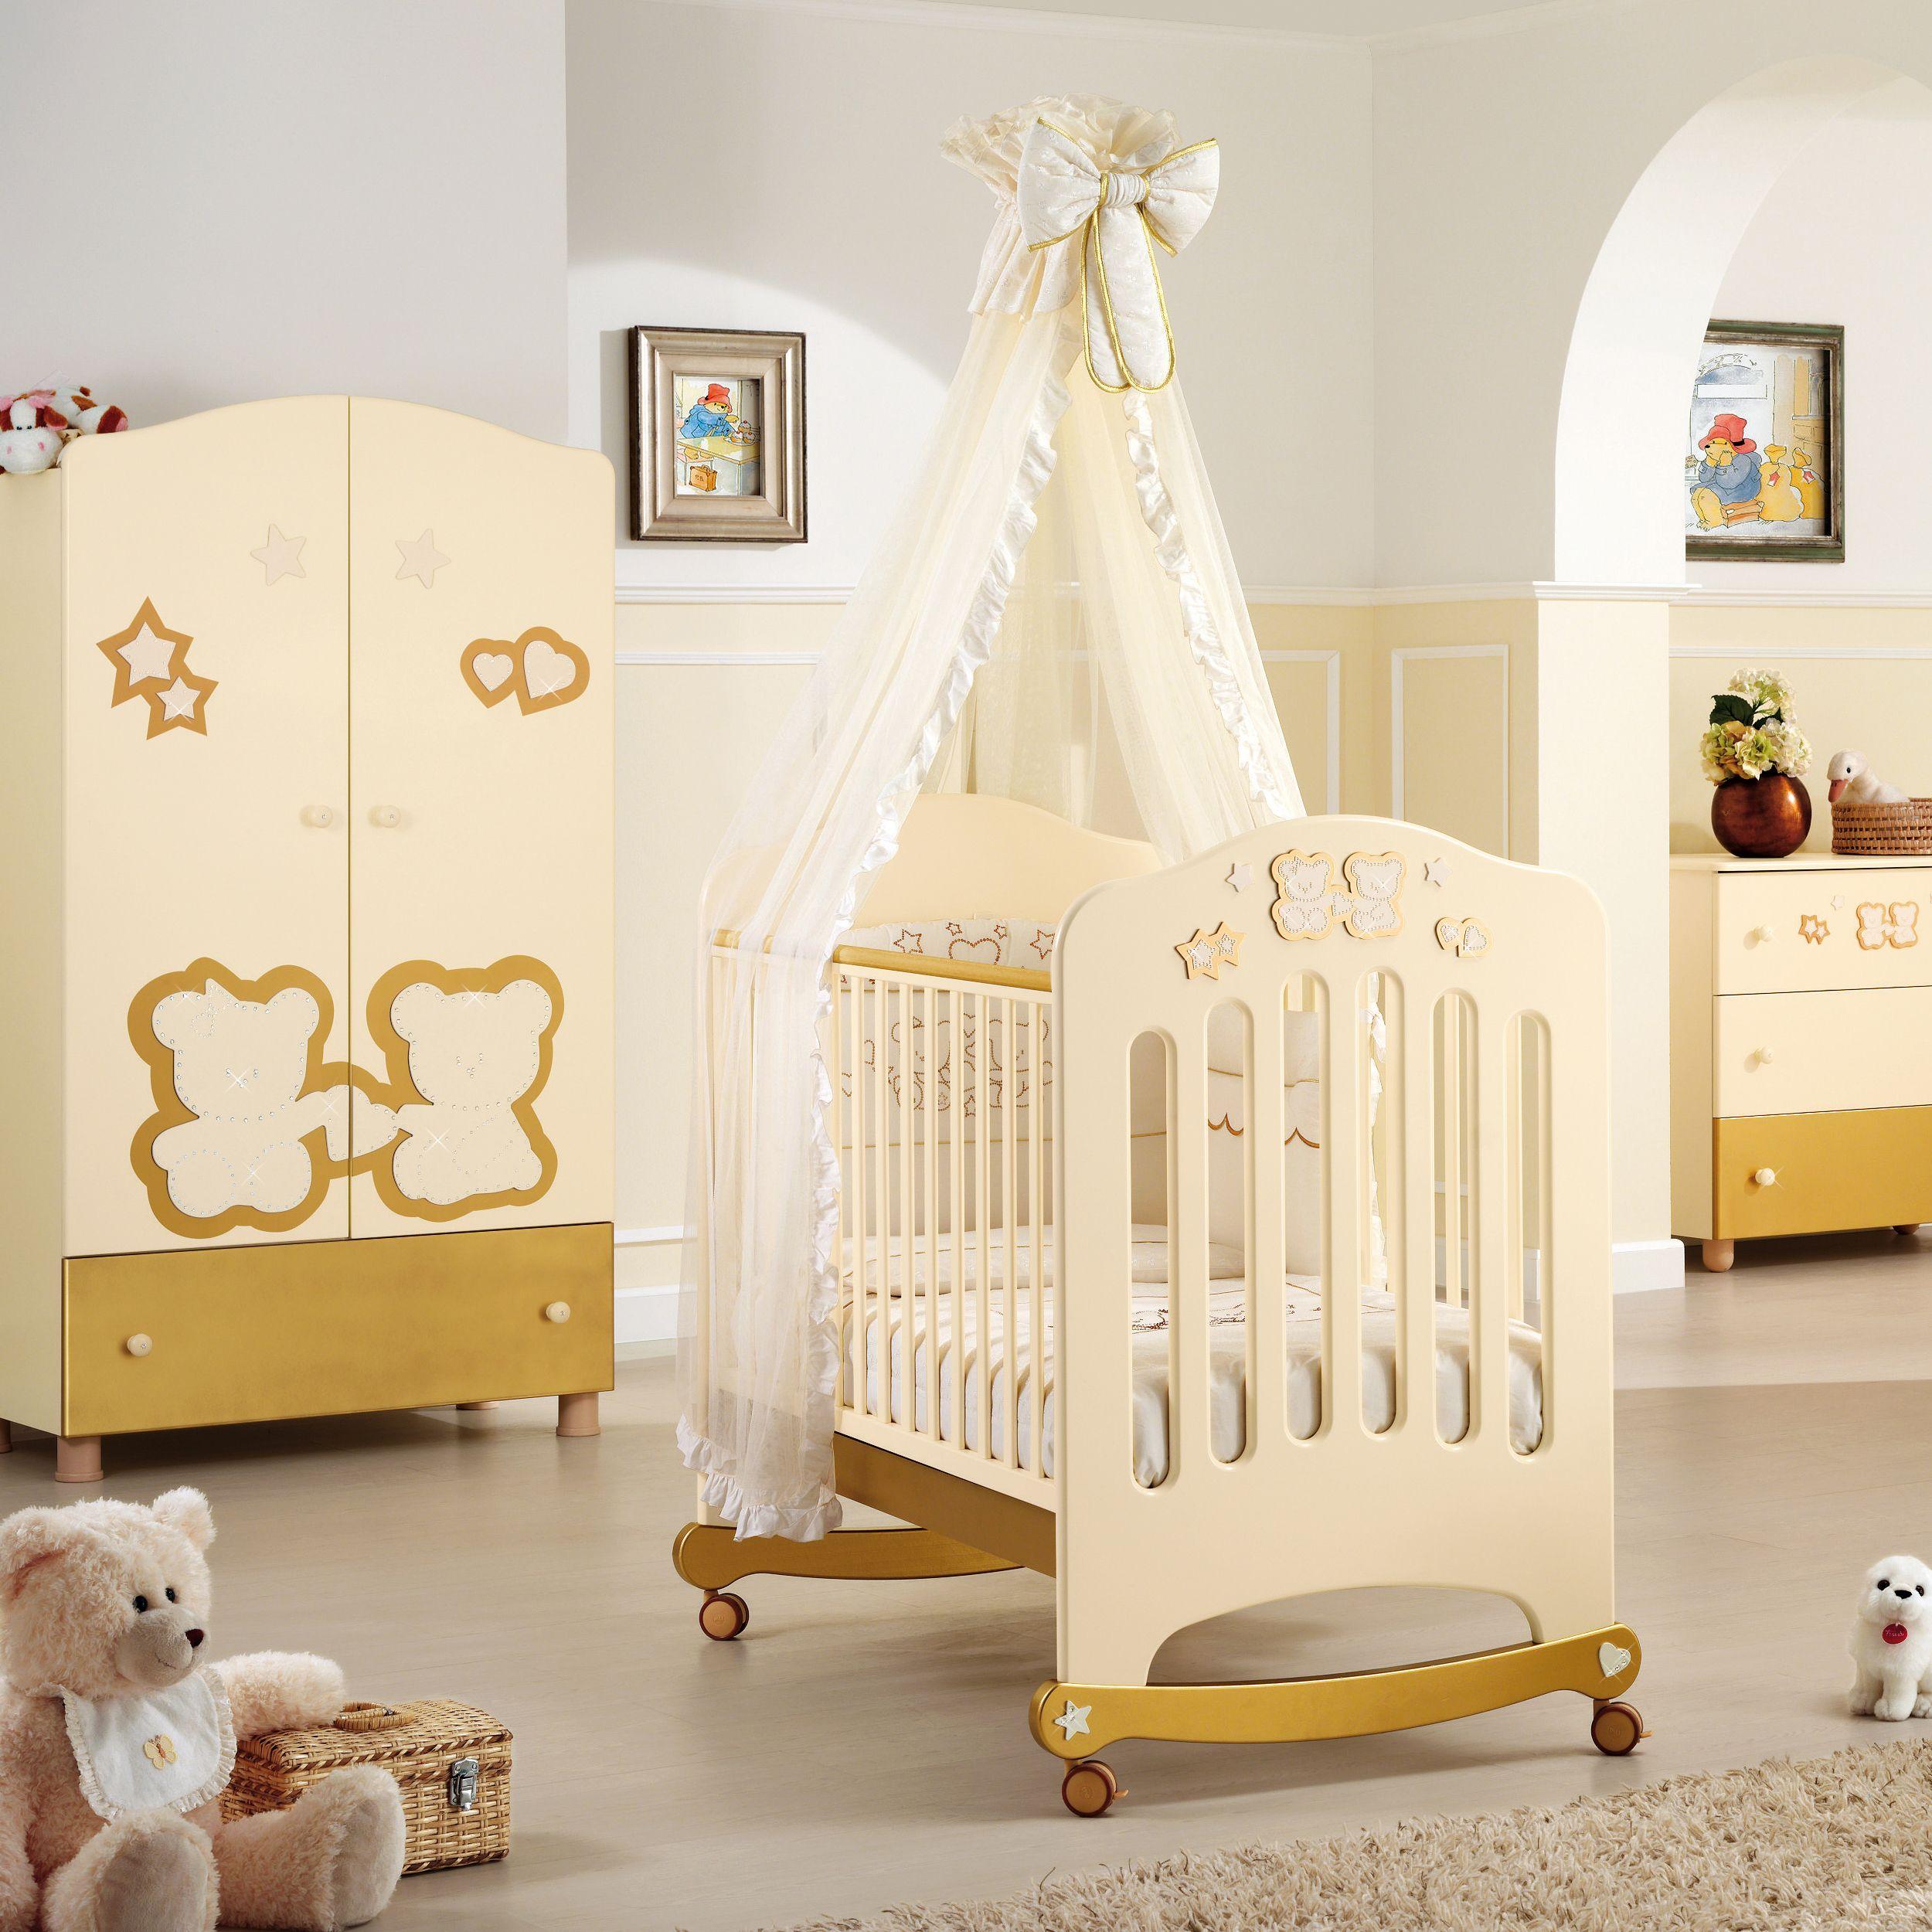 Moderne luxus babyzimmer  Entdecken Sie besondere #Babymöbel, zum beispiel dieses Luxus ...